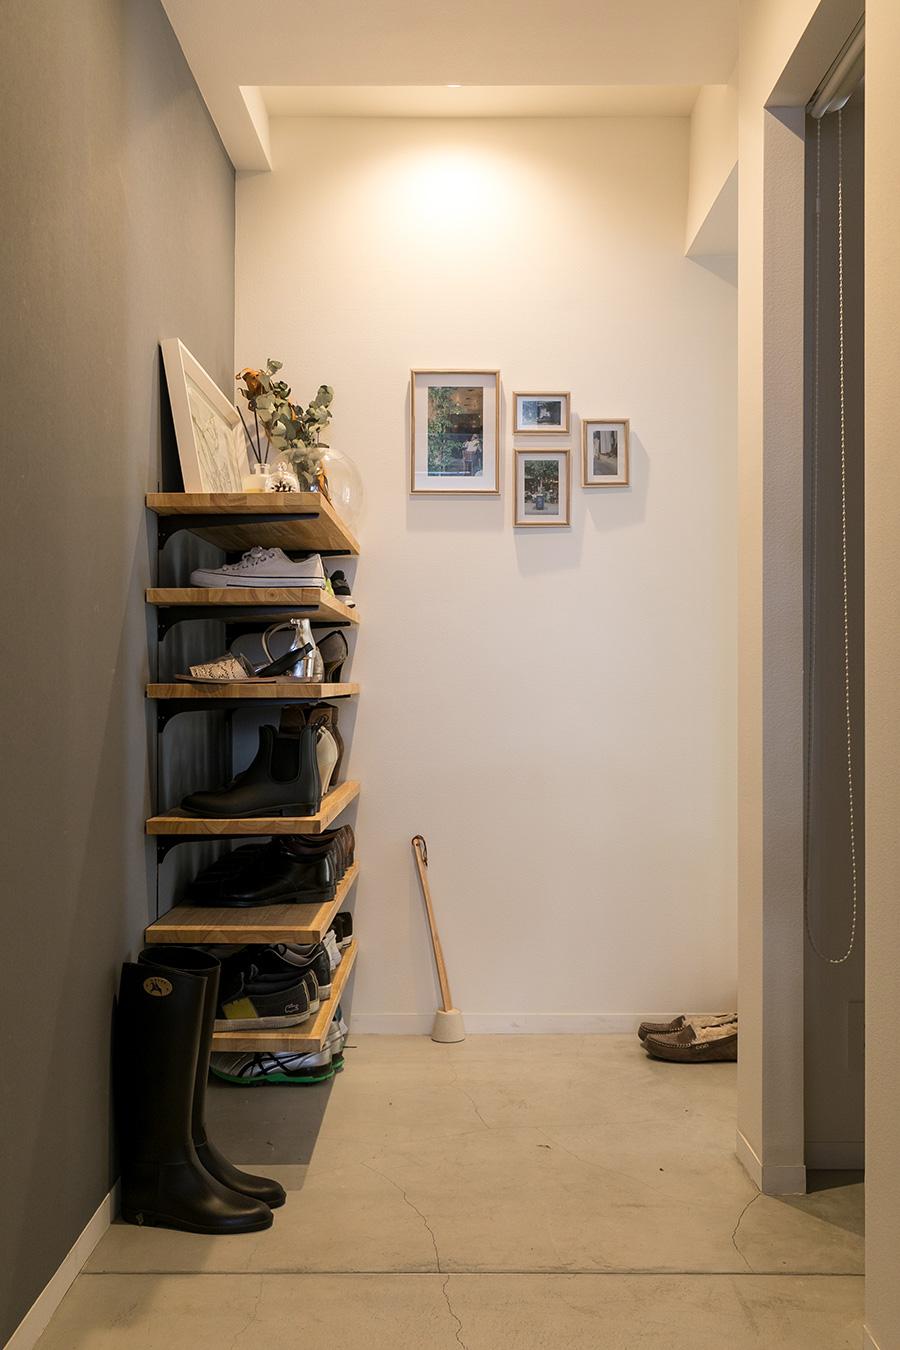 玄関廊下を無くし広い空間を確保。右手前は納戸で、玄関と廊下の双方からアクセスできるようになっている。